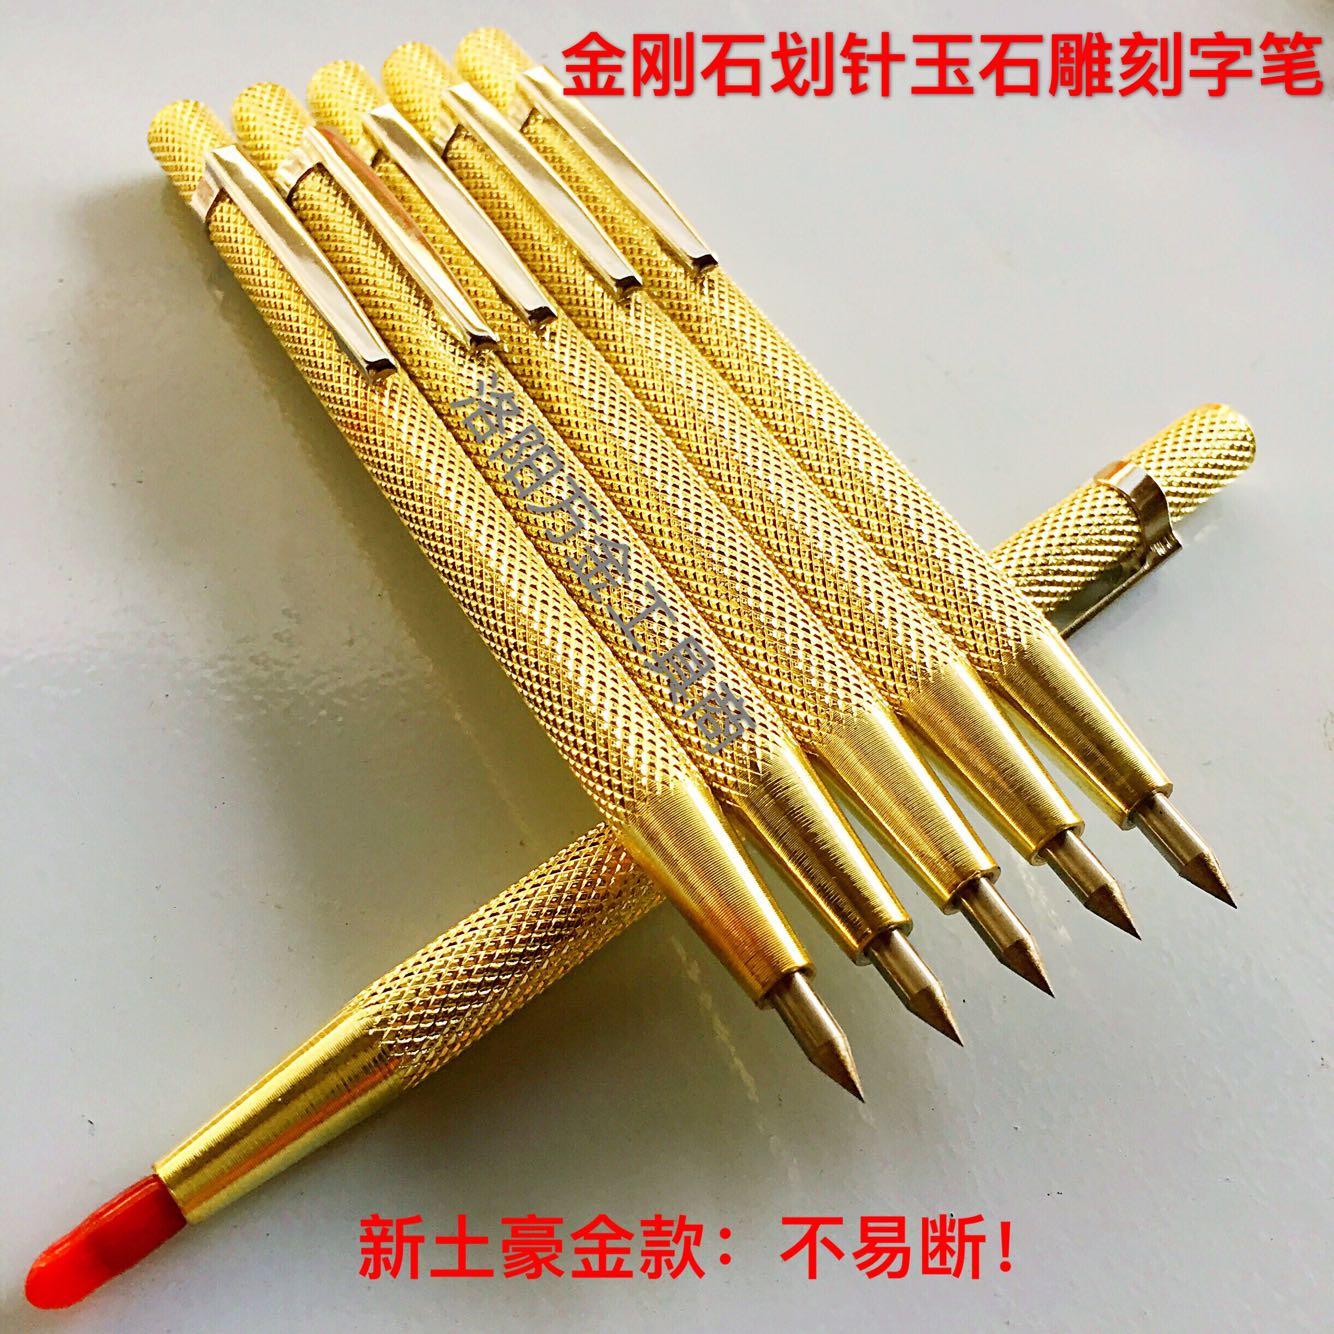 [硬质金刚石钨钢合金划] стрелка [画] стрелка [瓷砖切割划笔钱钳工画线钢] стрелка [玉石刻笔]